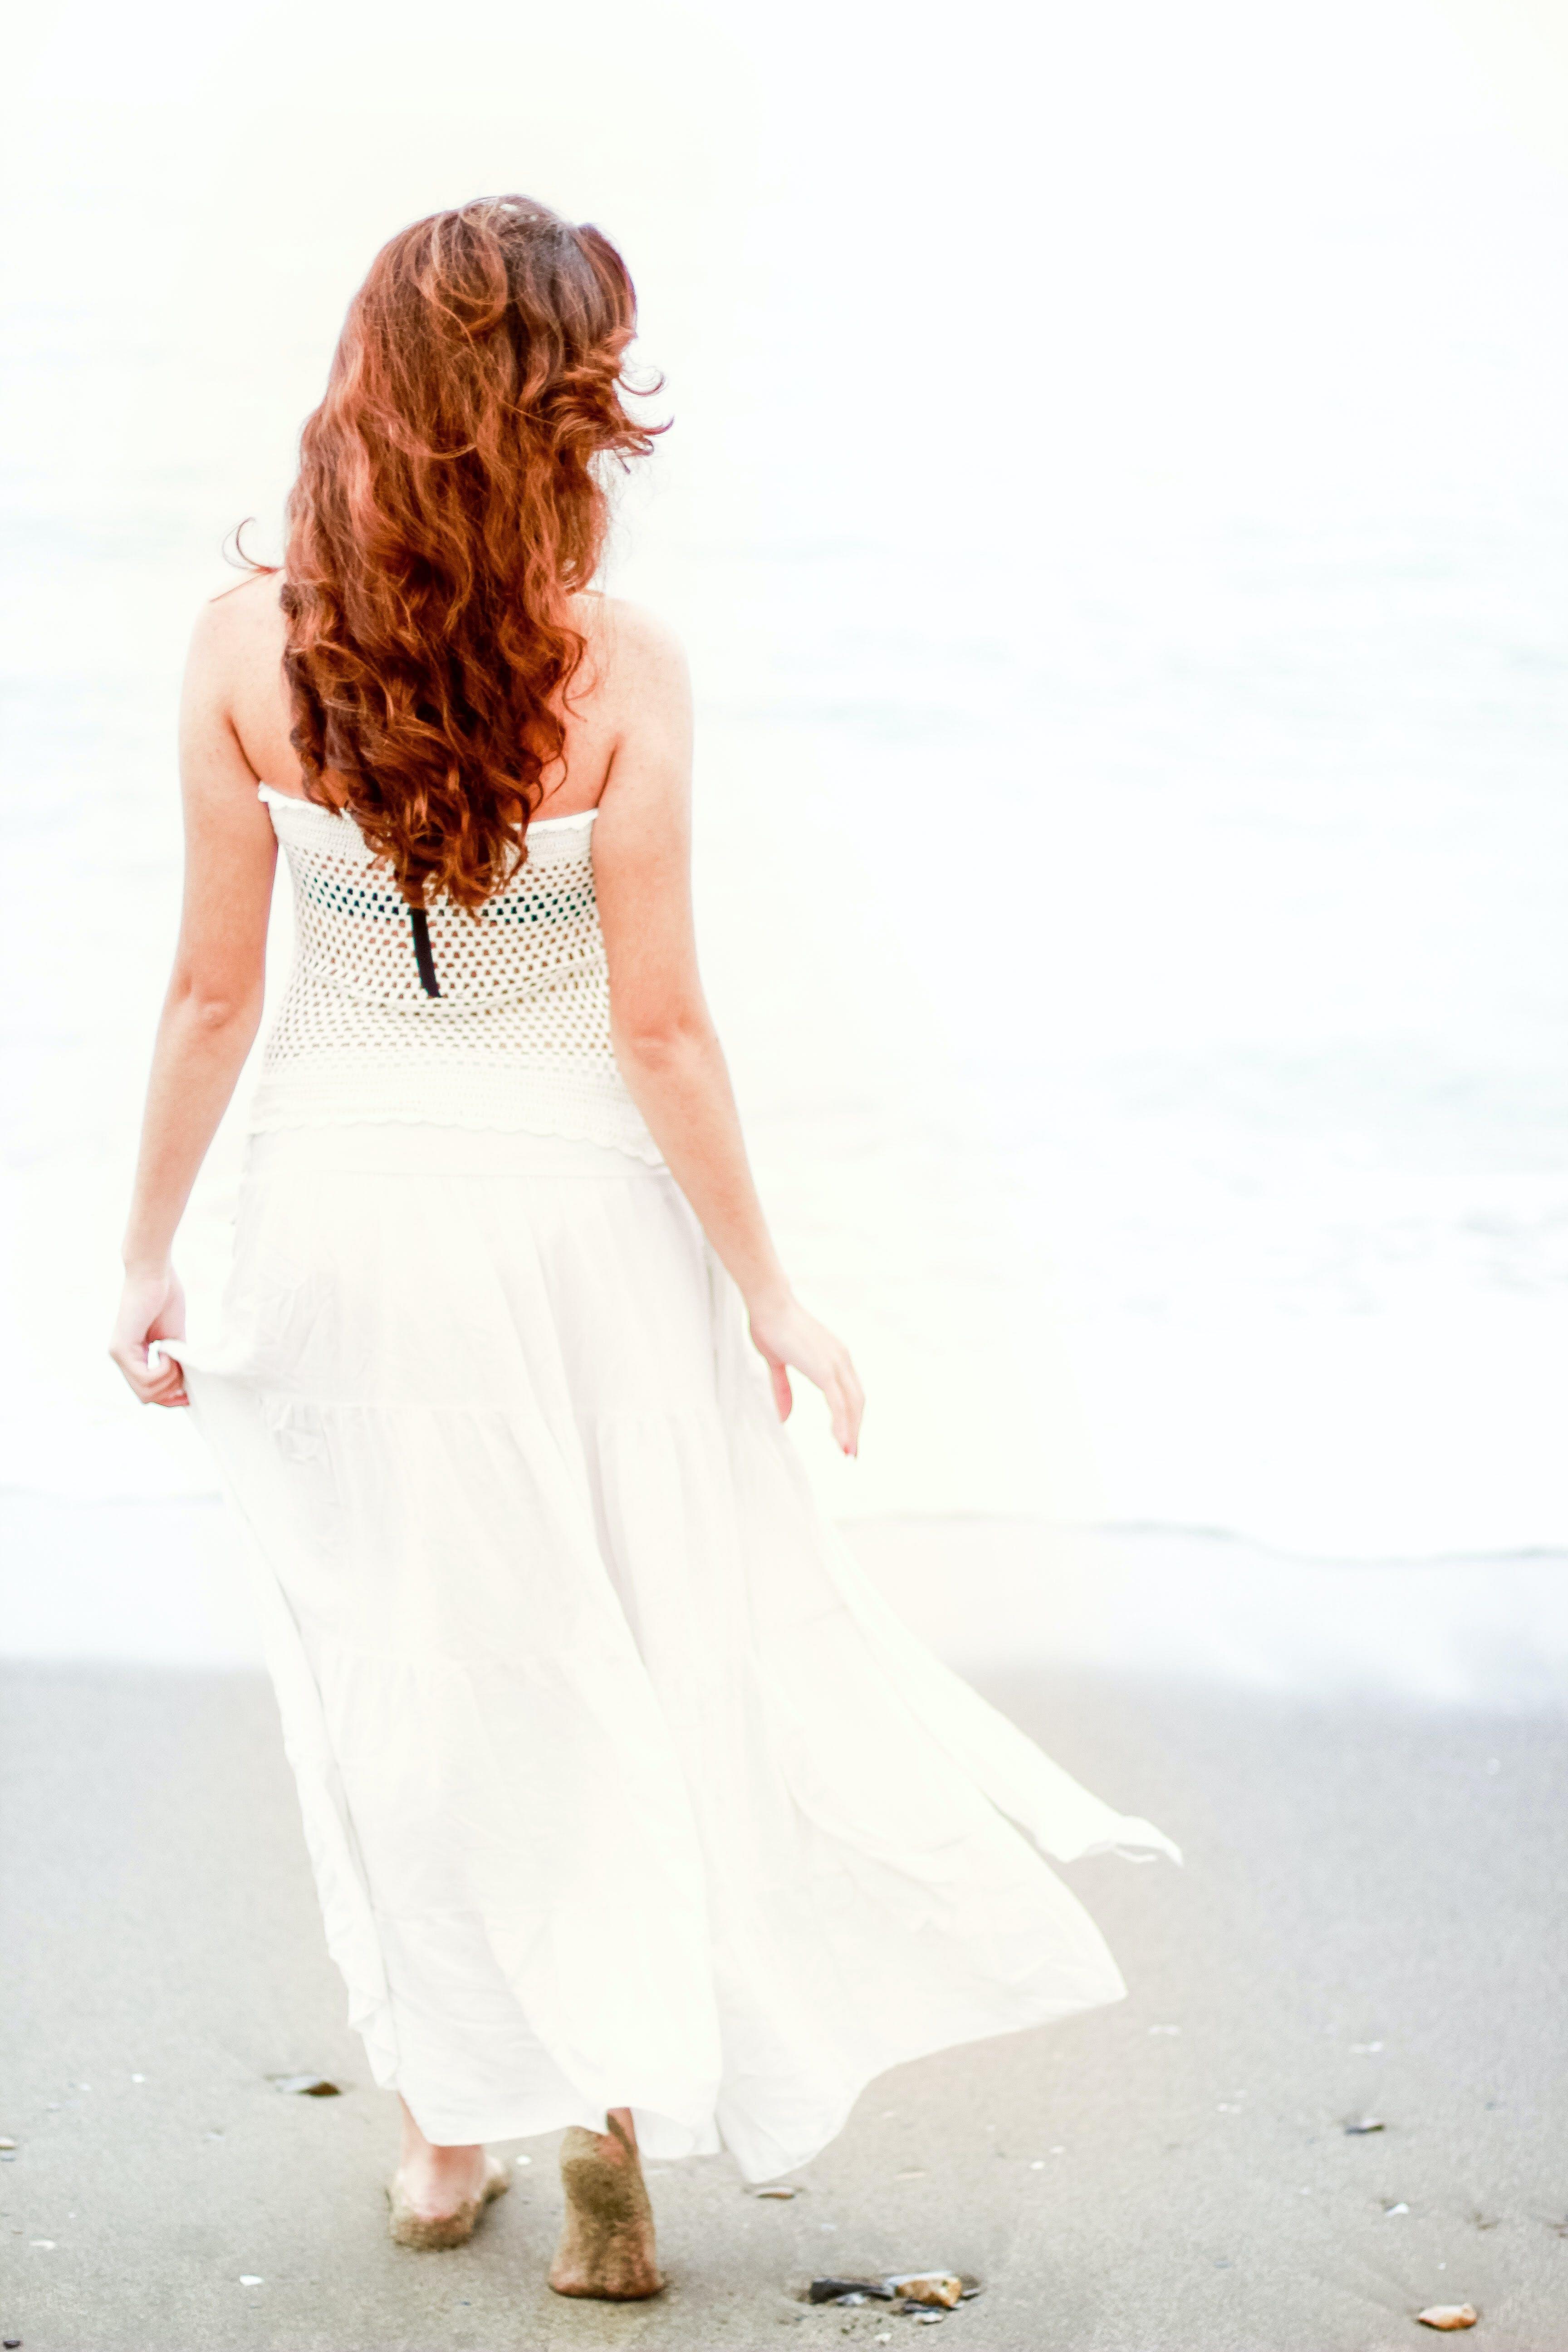 ドレス, ビーチ, ブルネット, 女の子の無料の写真素材